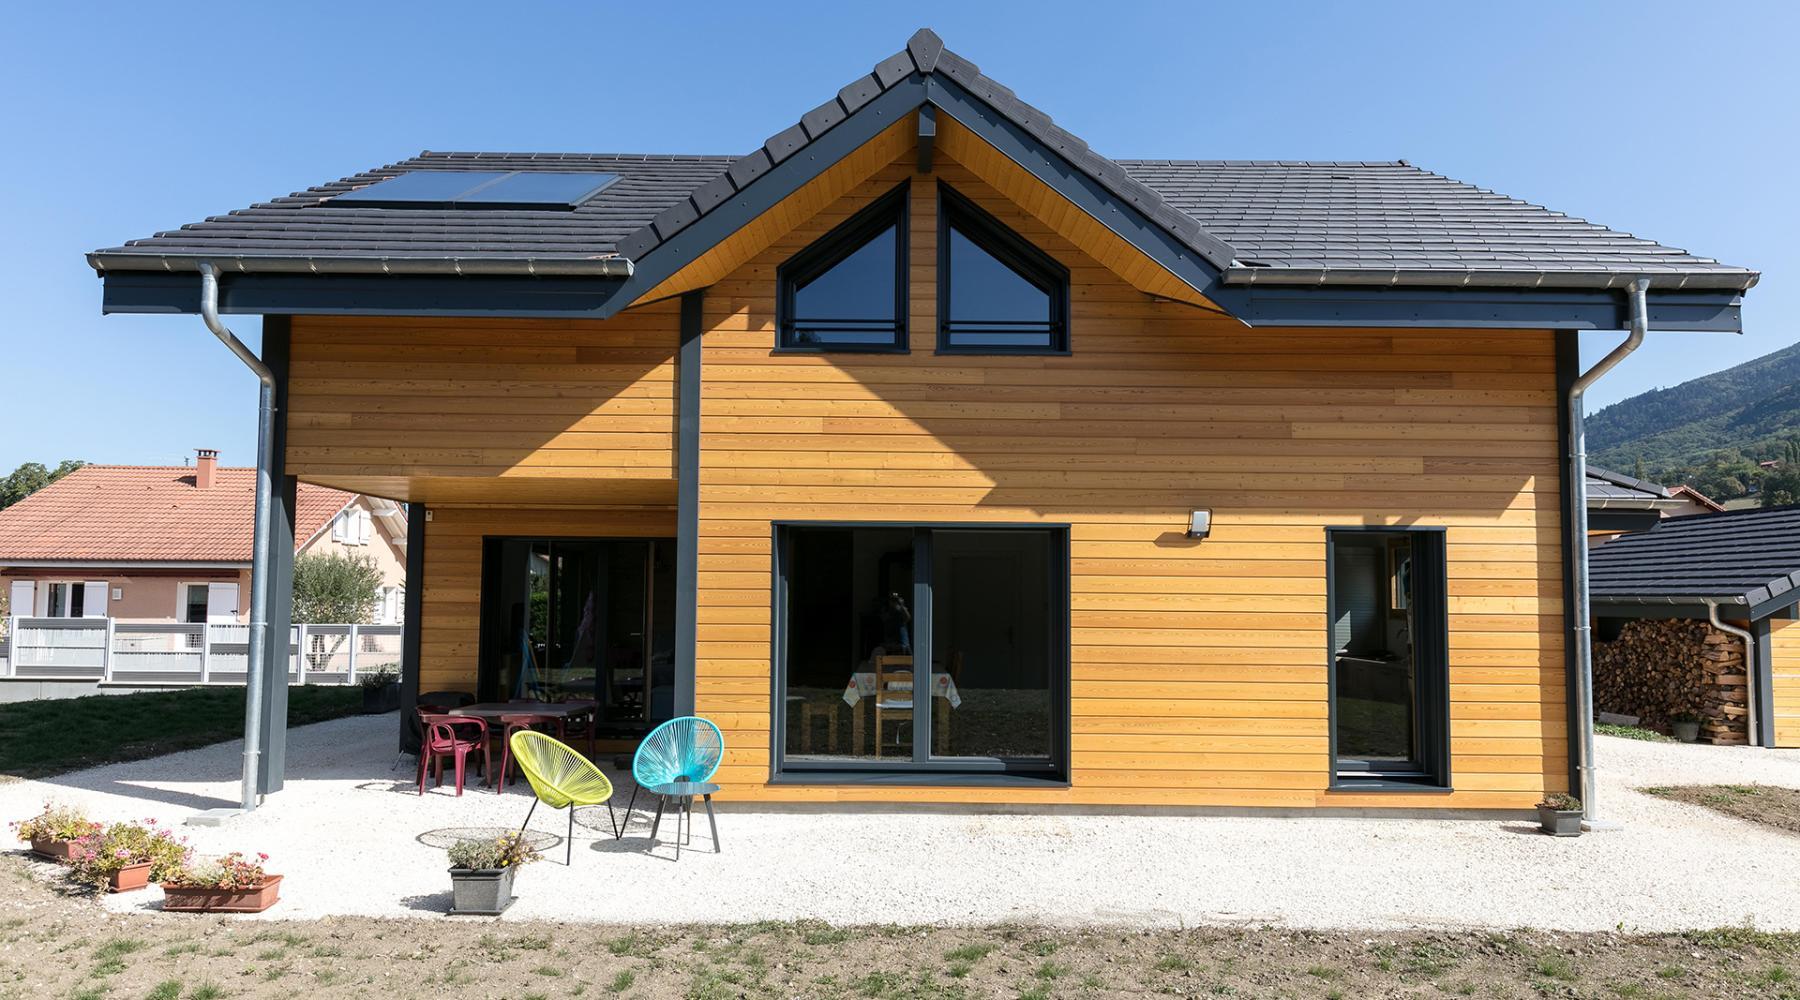 Maison En Bois Annecy projet lucile maison ossature bois - roch construction